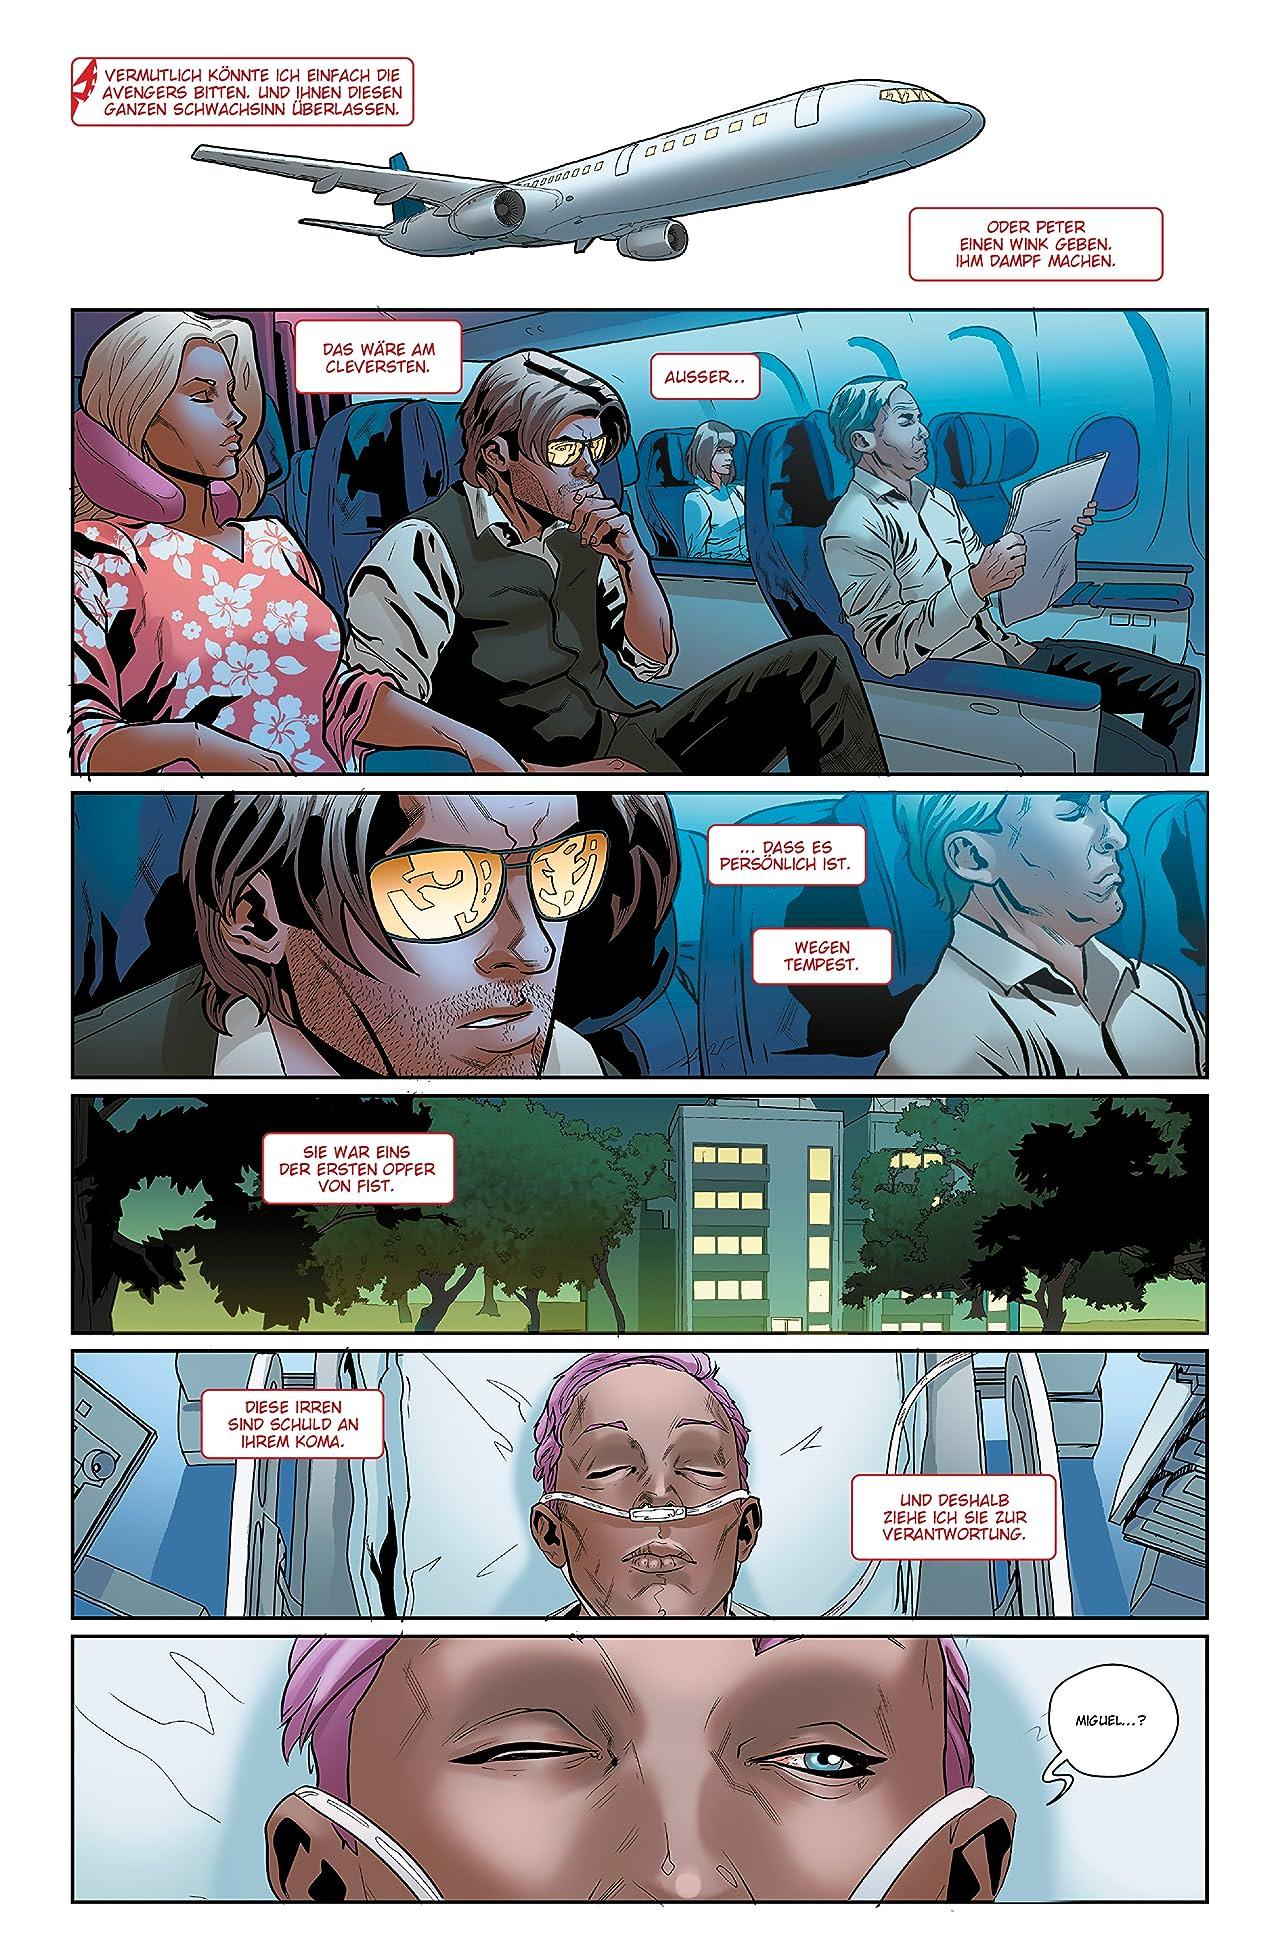 Spider-Man 2099 Vol. 4: Der Tod und Elektra